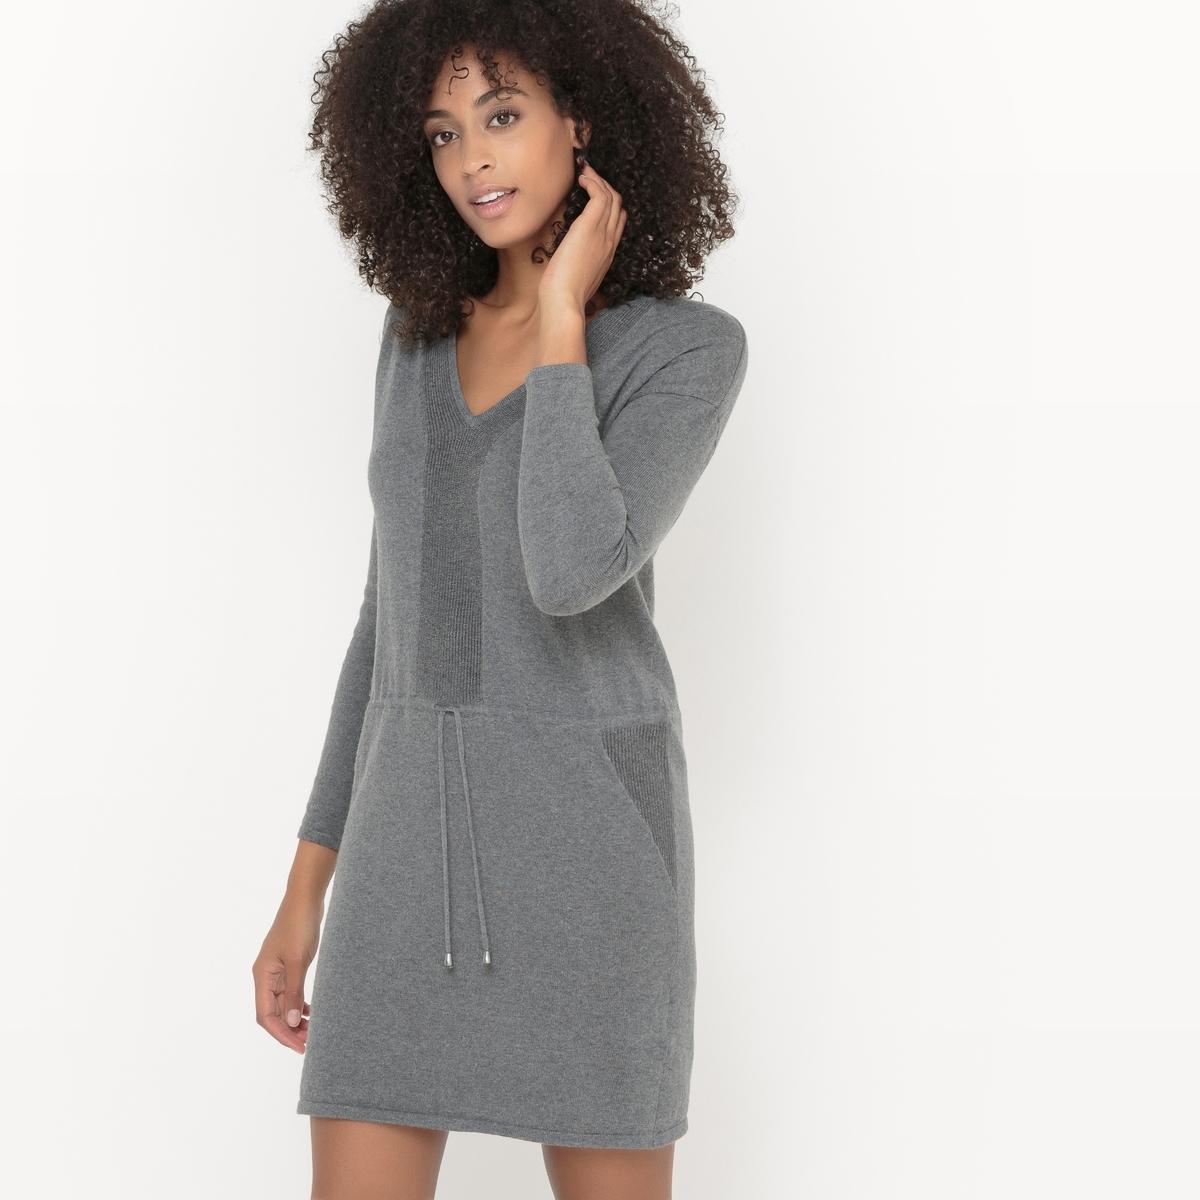 Платье-пуловер трикотажное.Трикотажное платье-пуловер из хлопка и шерсти. Длинные рукава. V-образный вырез. Кулиска на талии.    С люрексом. Нежное женственное платье из комбинированного трикотажа. Состав и описаниеМатериалы : 80% хлопка, 20% шерстиМарка : Sud ExpressМодель : ROVERDALEУходСледуйте рекомендациям по уходу, указанным на этикетке изделия.<br><br>Цвет: серый меланж